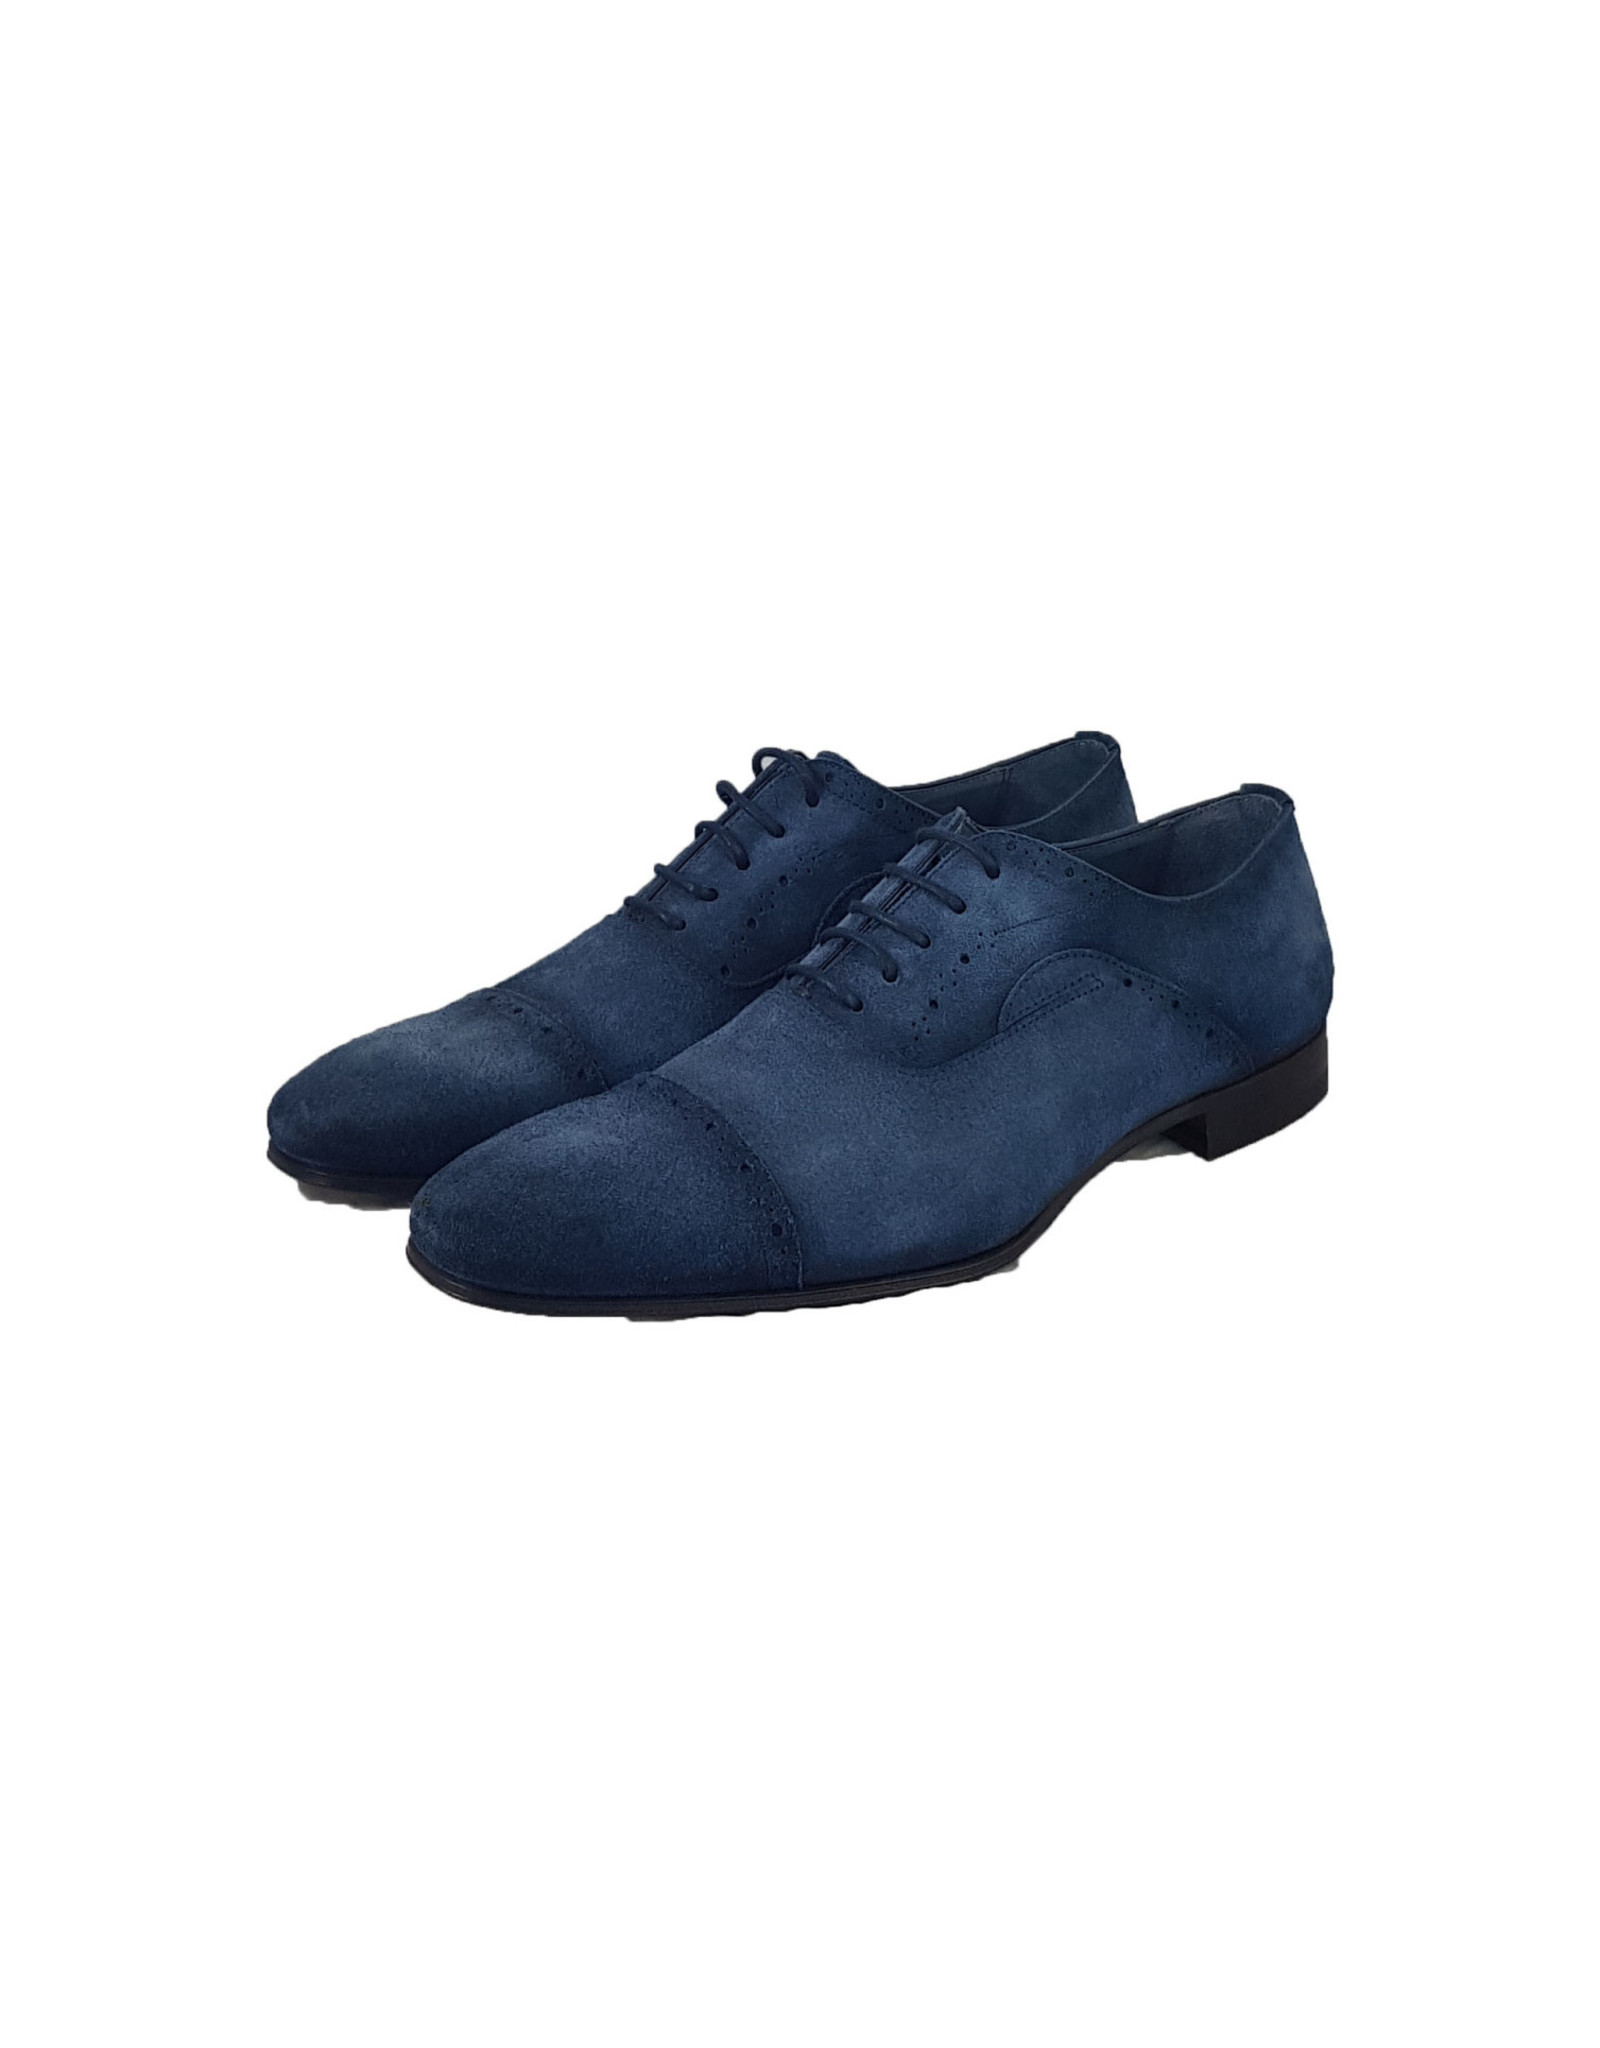 Zampiere Zampiere schoenen blauw Light Bluette M:9591 V17